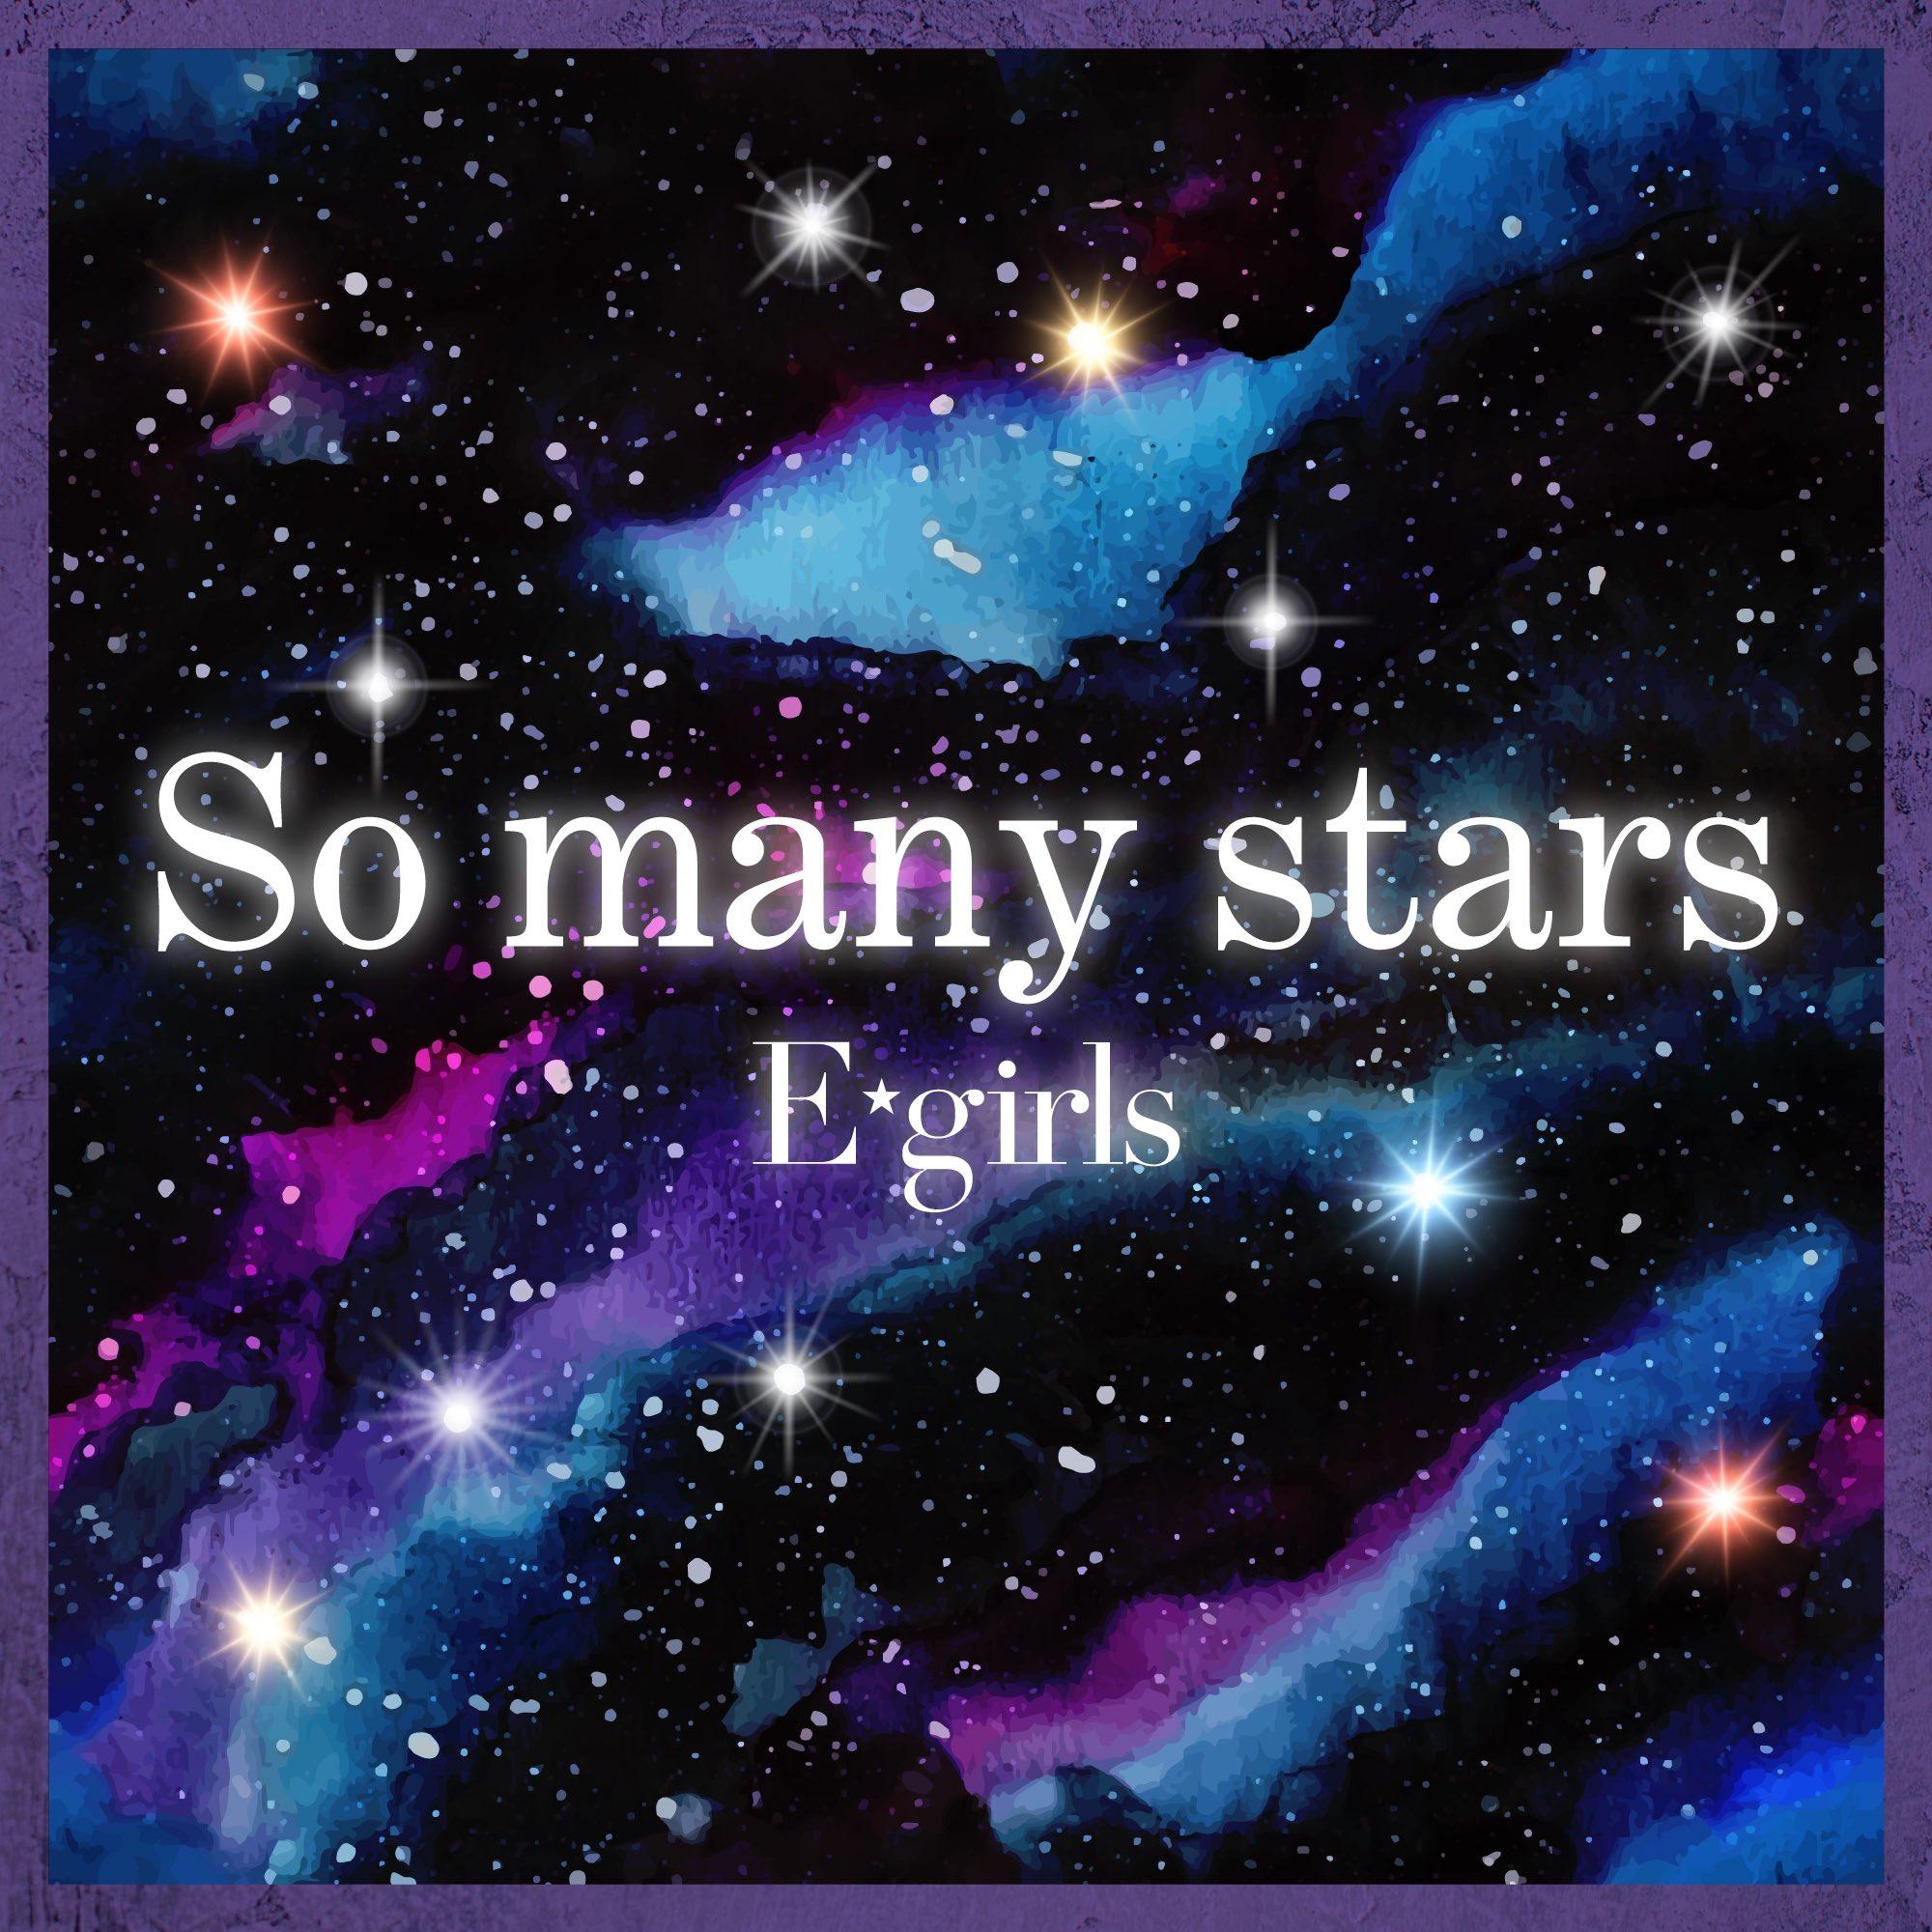 So many stars | E.G.family Wiki | Fandom